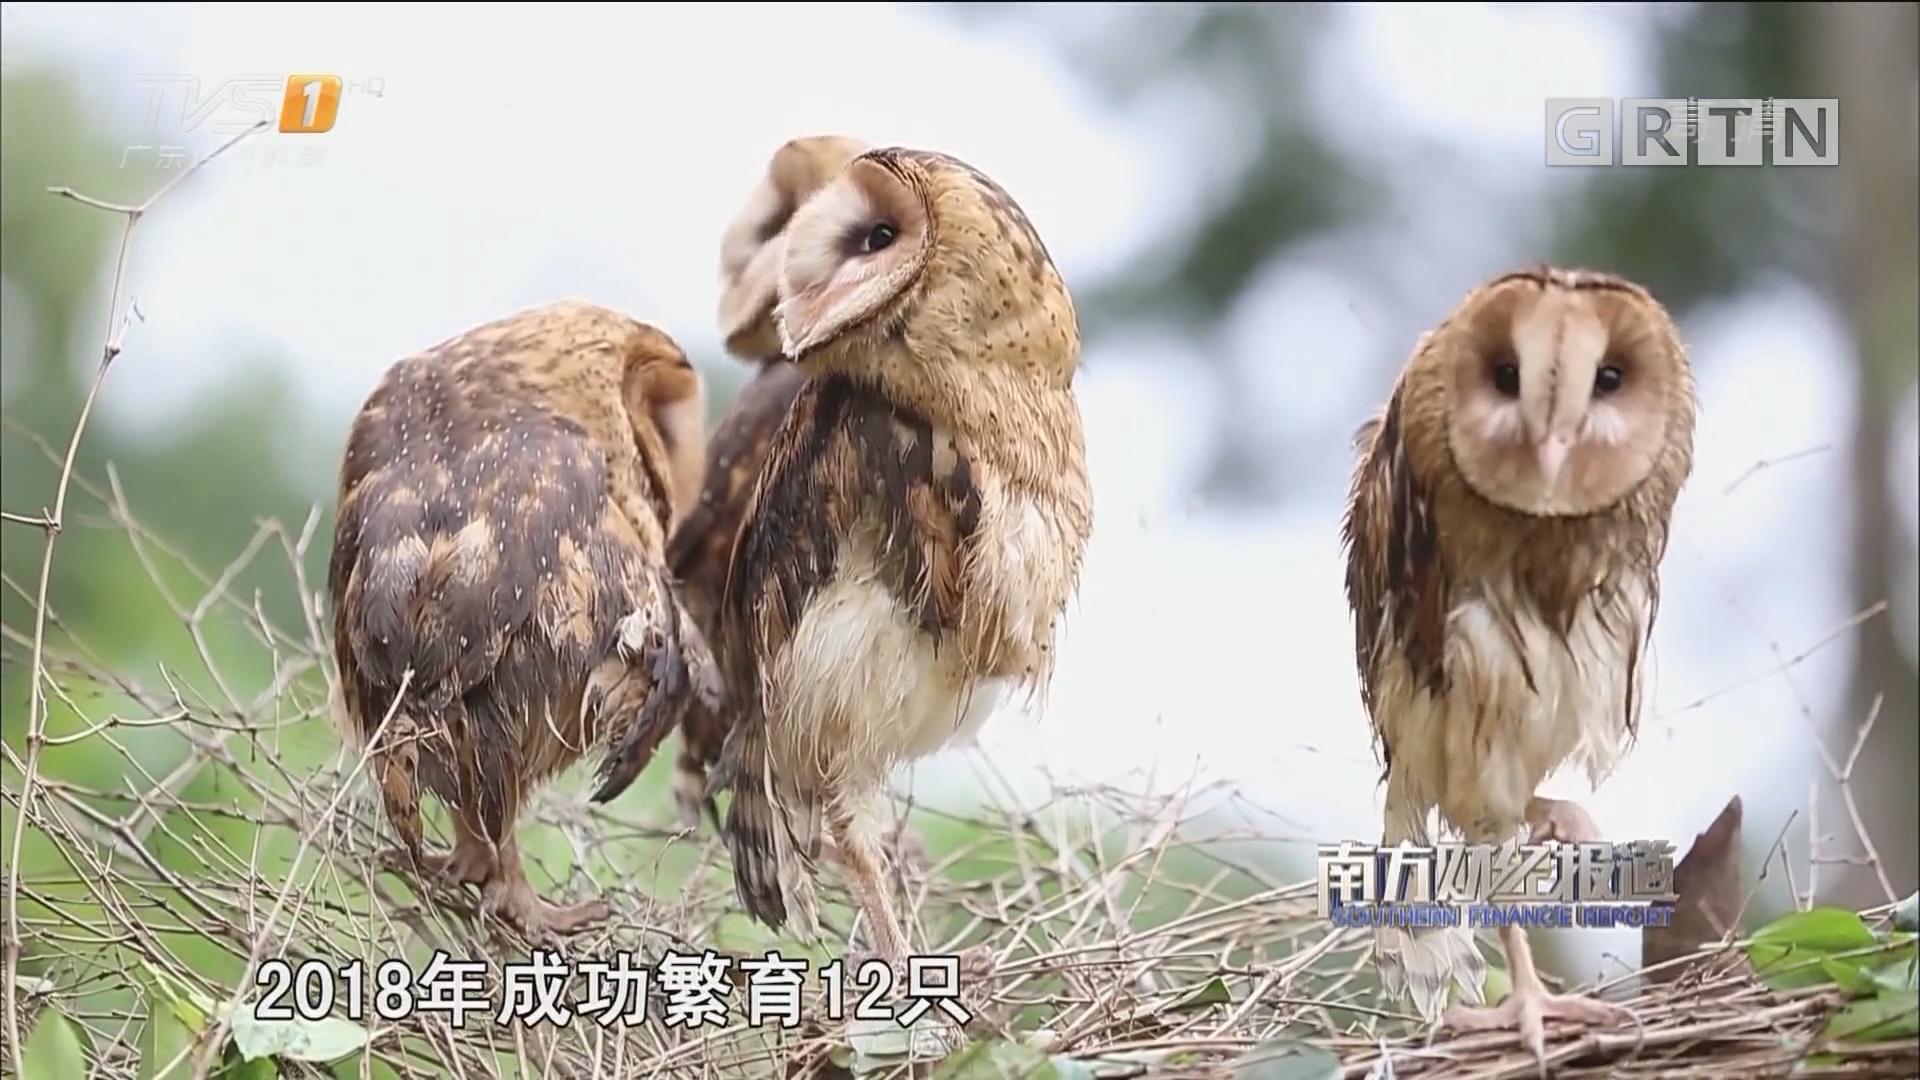 广州:4只人工繁殖猴面鹰首次亮相